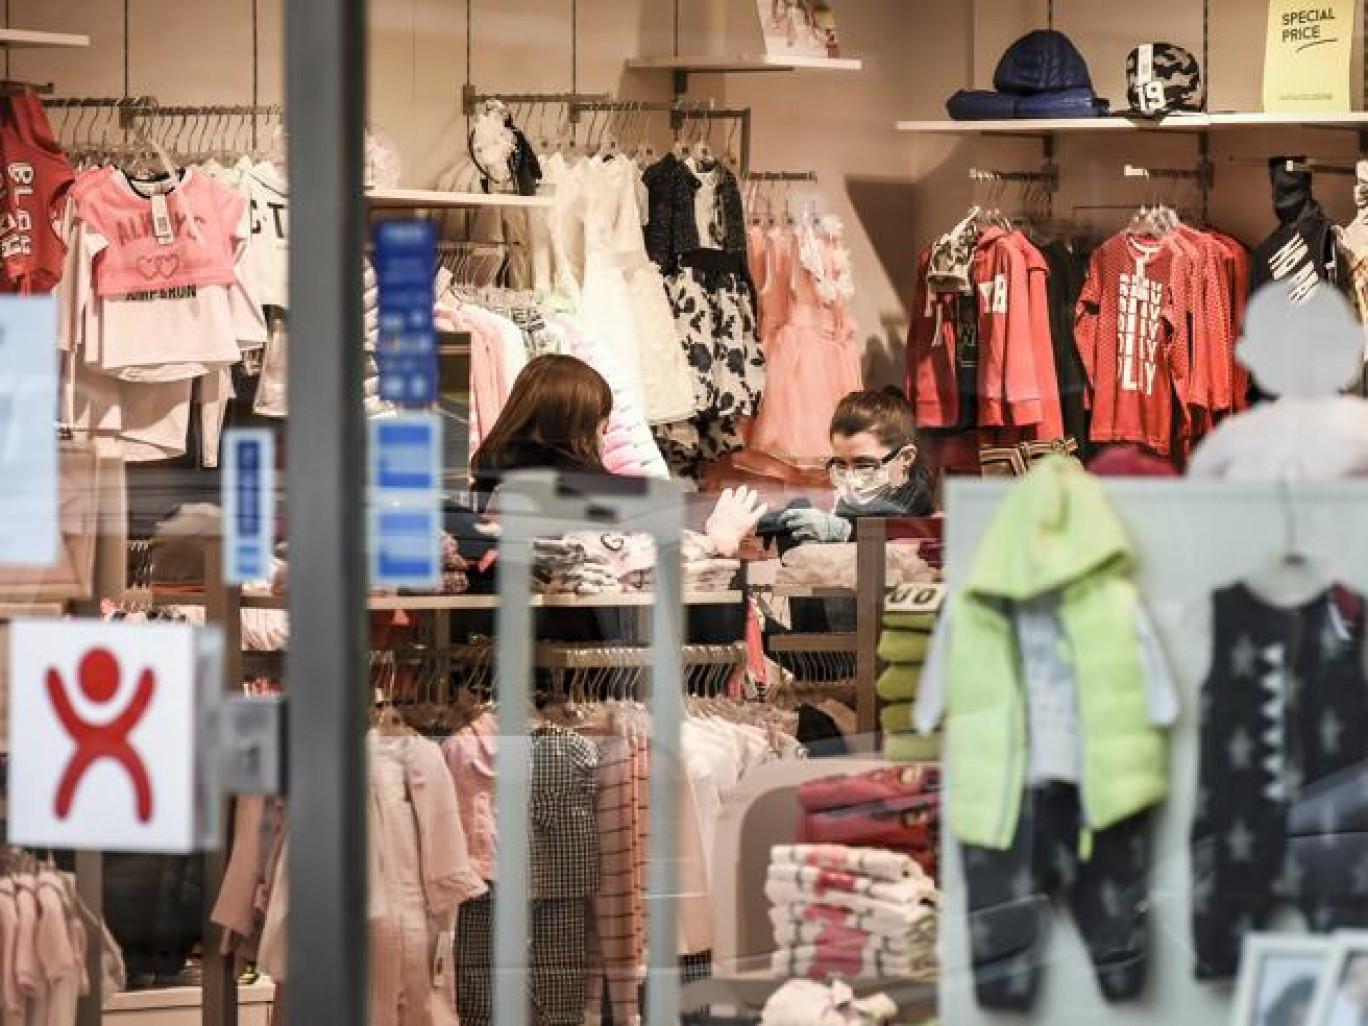 Coronavirus, circolare Viminale: controlli sulla distanza di un metro in aziende, negozi, supermercati